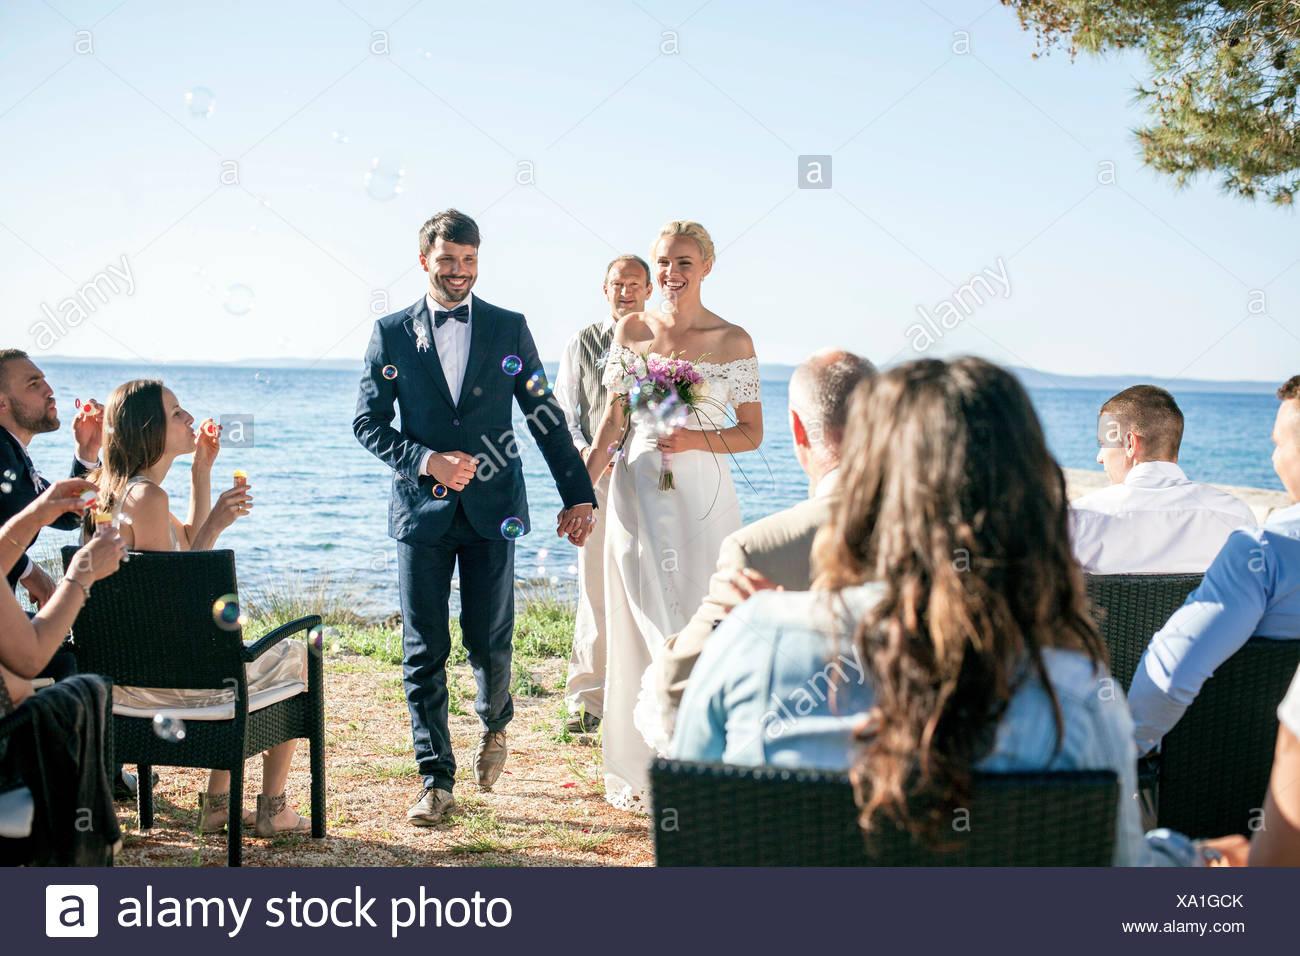 Braut und Bräutigam bei der Trauung am Strand Stockbild